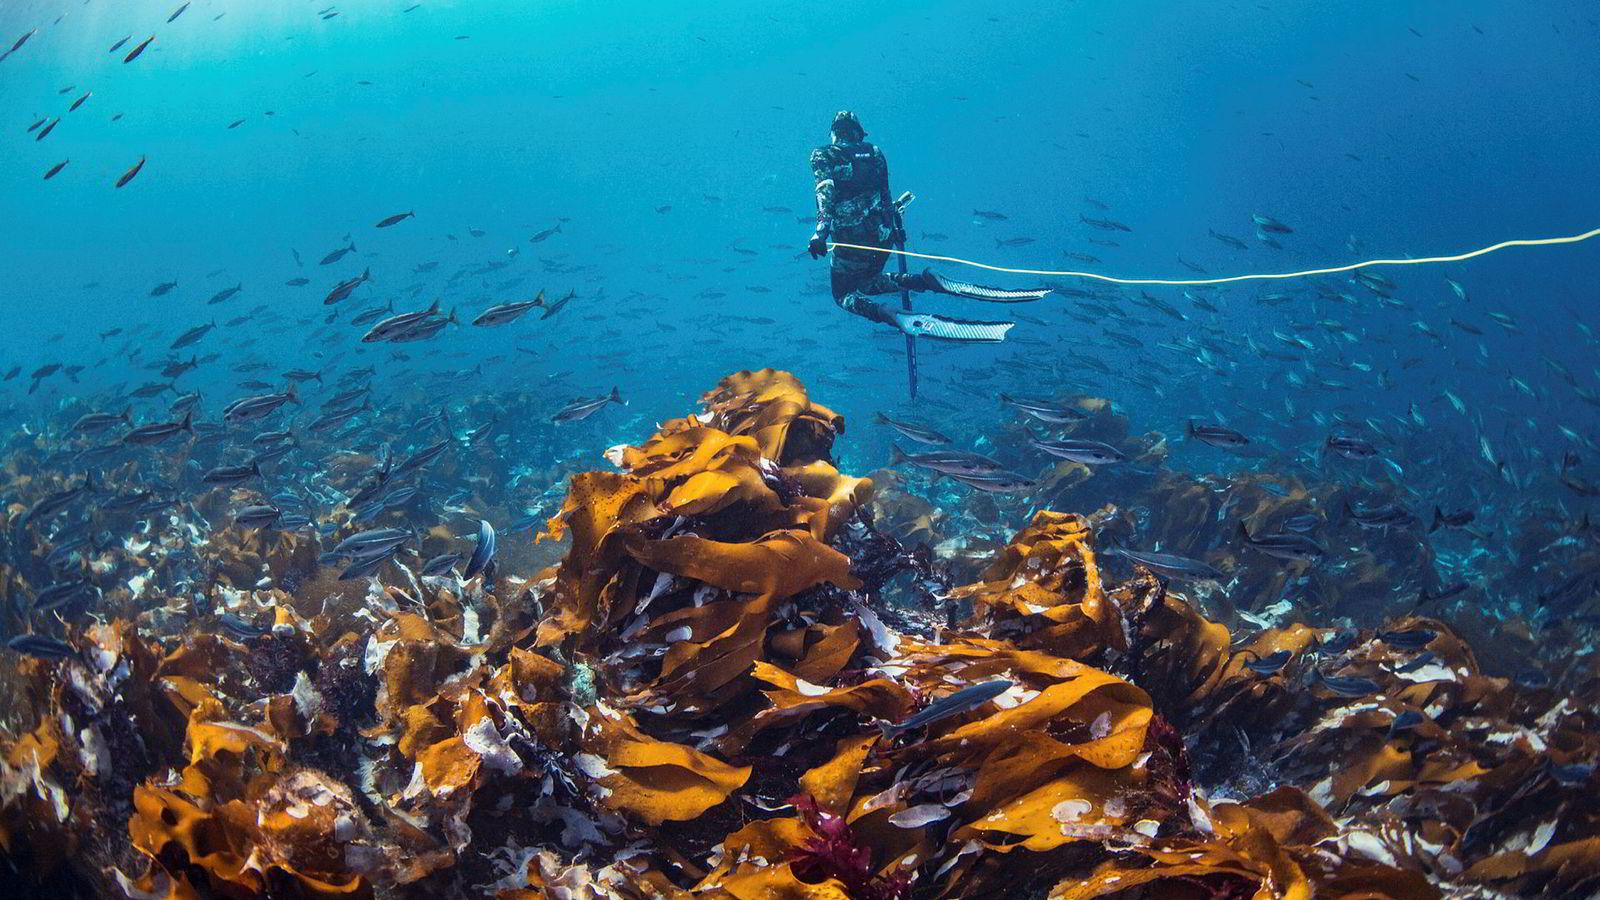 Michael Byø lar strømmen dra seg gjennom vannmassene i Salstraumen, verdens sterkeste tidevannstrøm. Å fridykke og jakte i de sterke vannmassene kan være farlig om man ikke dykker på riktig sted, til riktig tid.